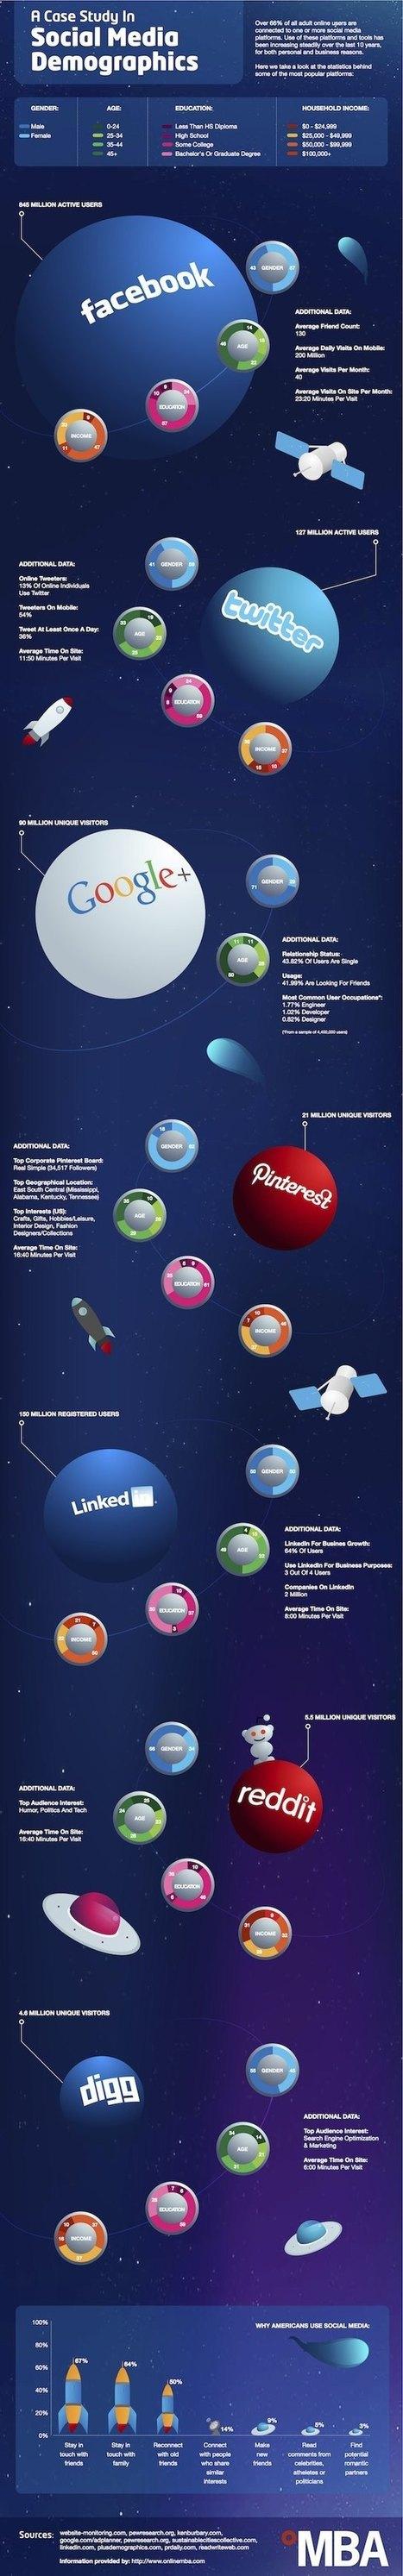 Chiffres-clés sur les principaux réseaux sociaux (infographie) | Communautés collaboratives | Scoop.it